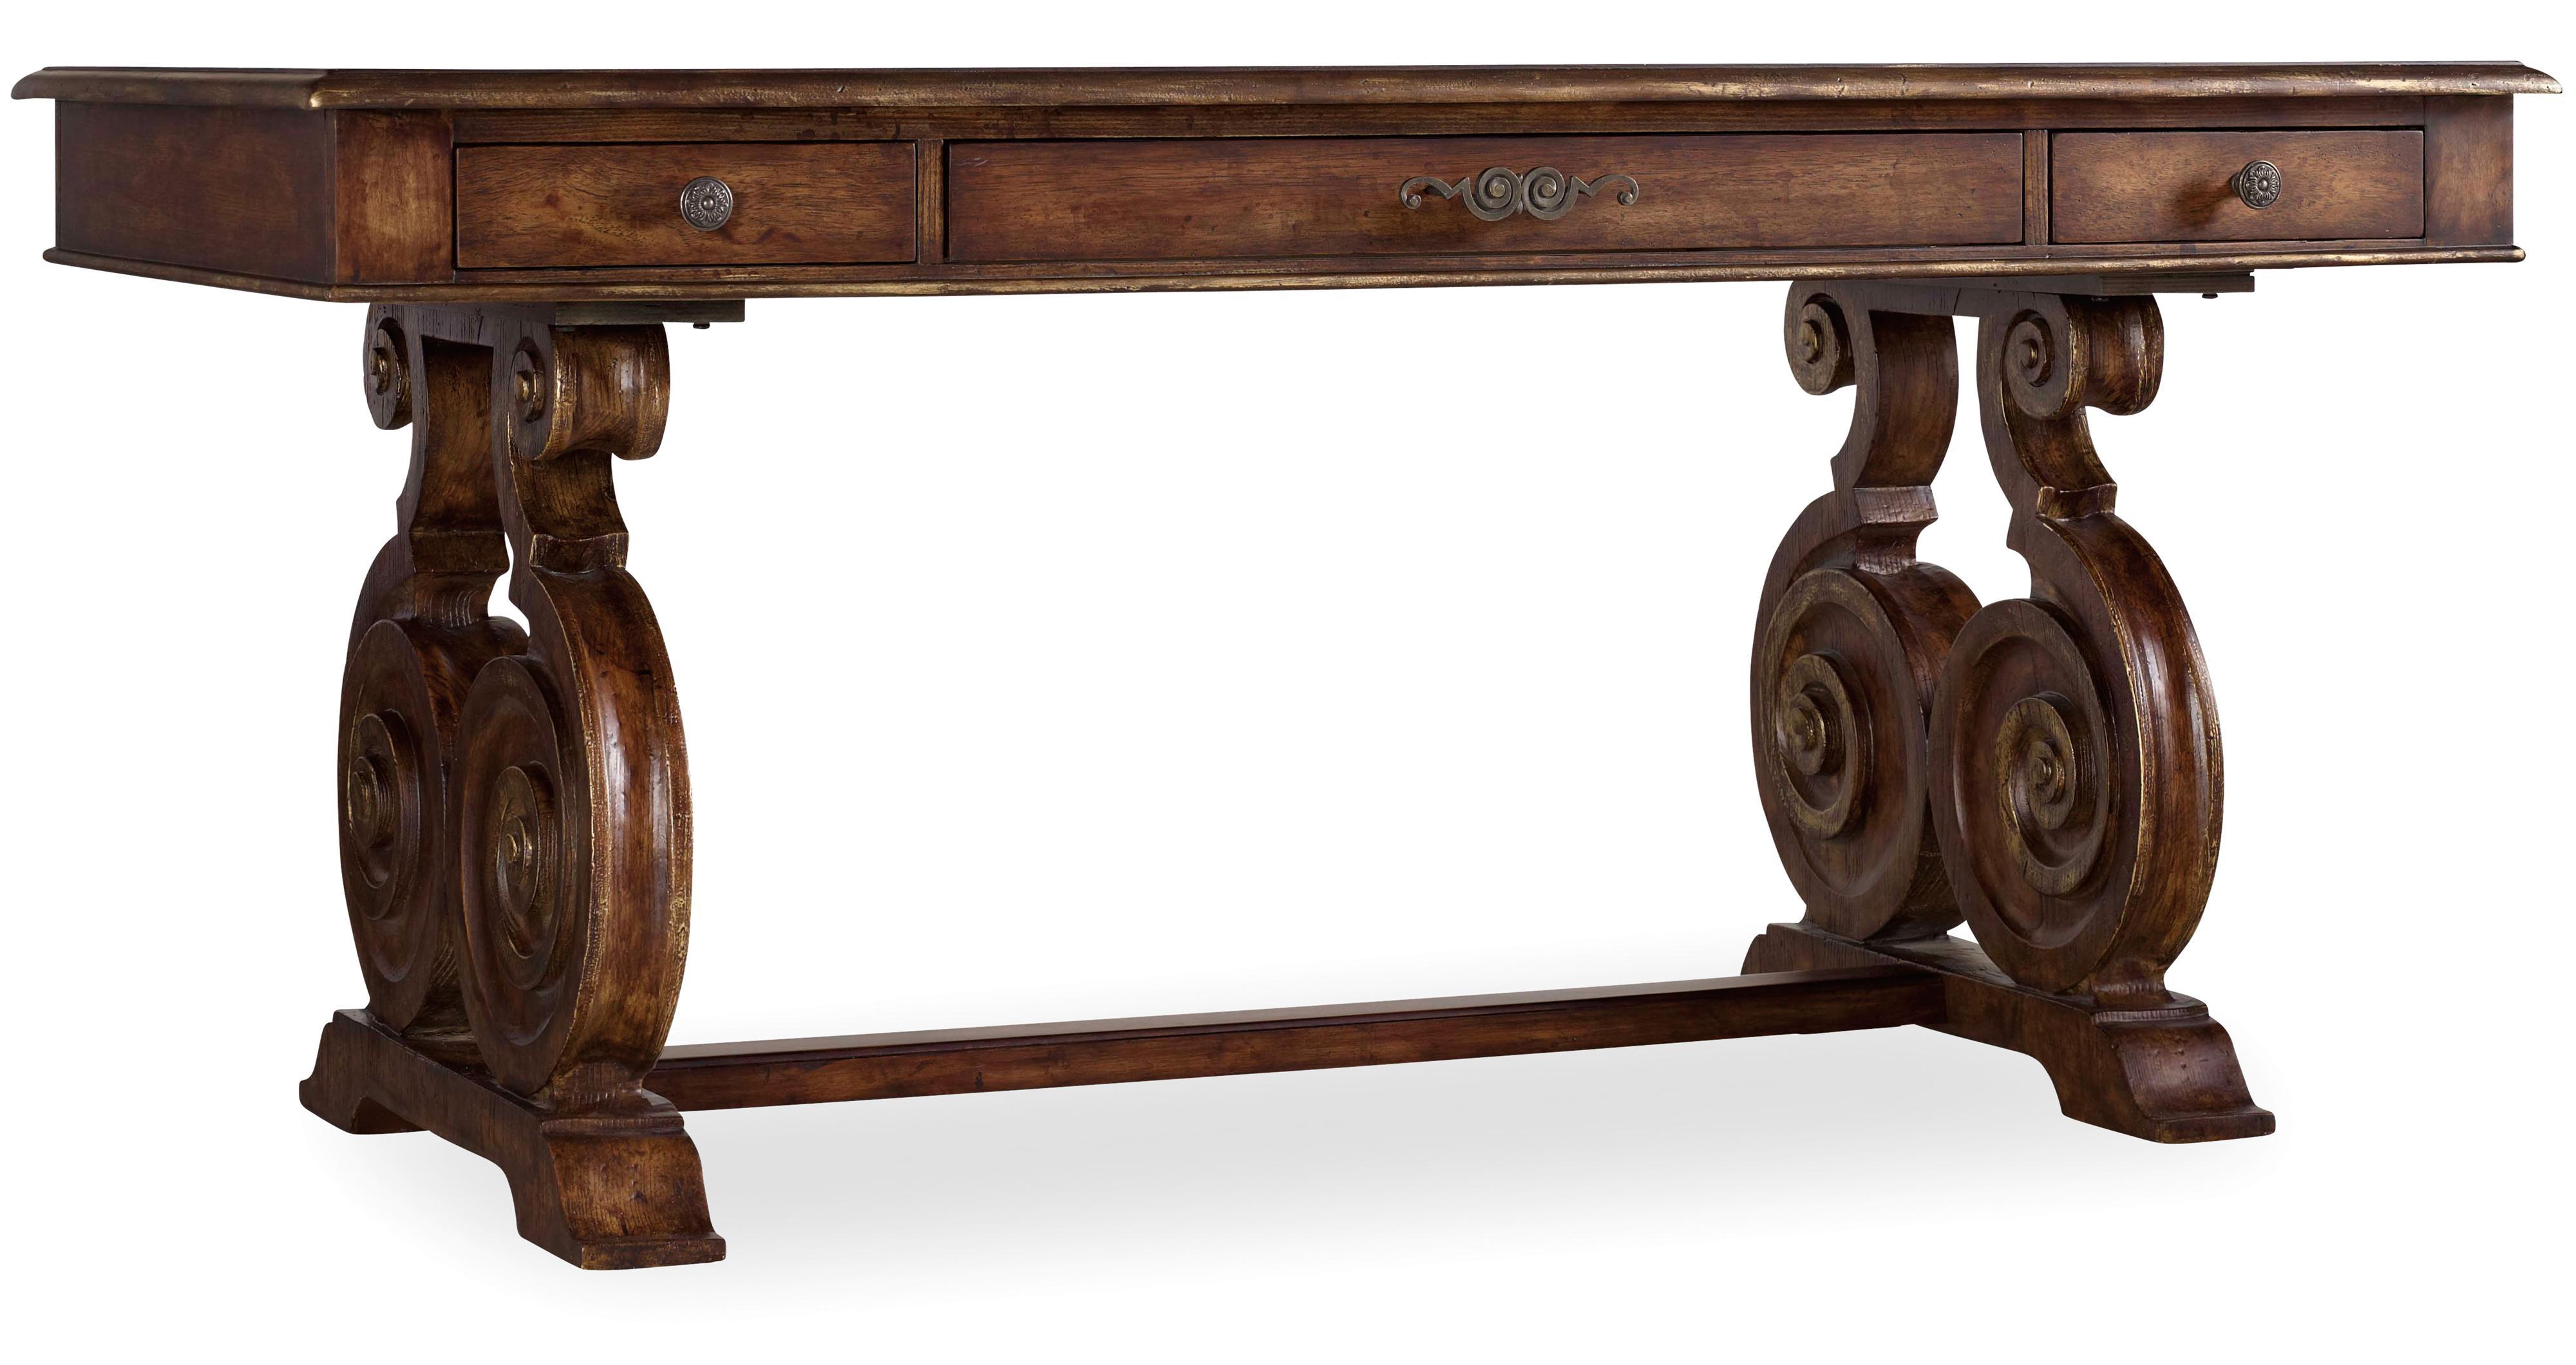 Hamilton Home Adagio Writing Desk - Item Number: 5091-10459